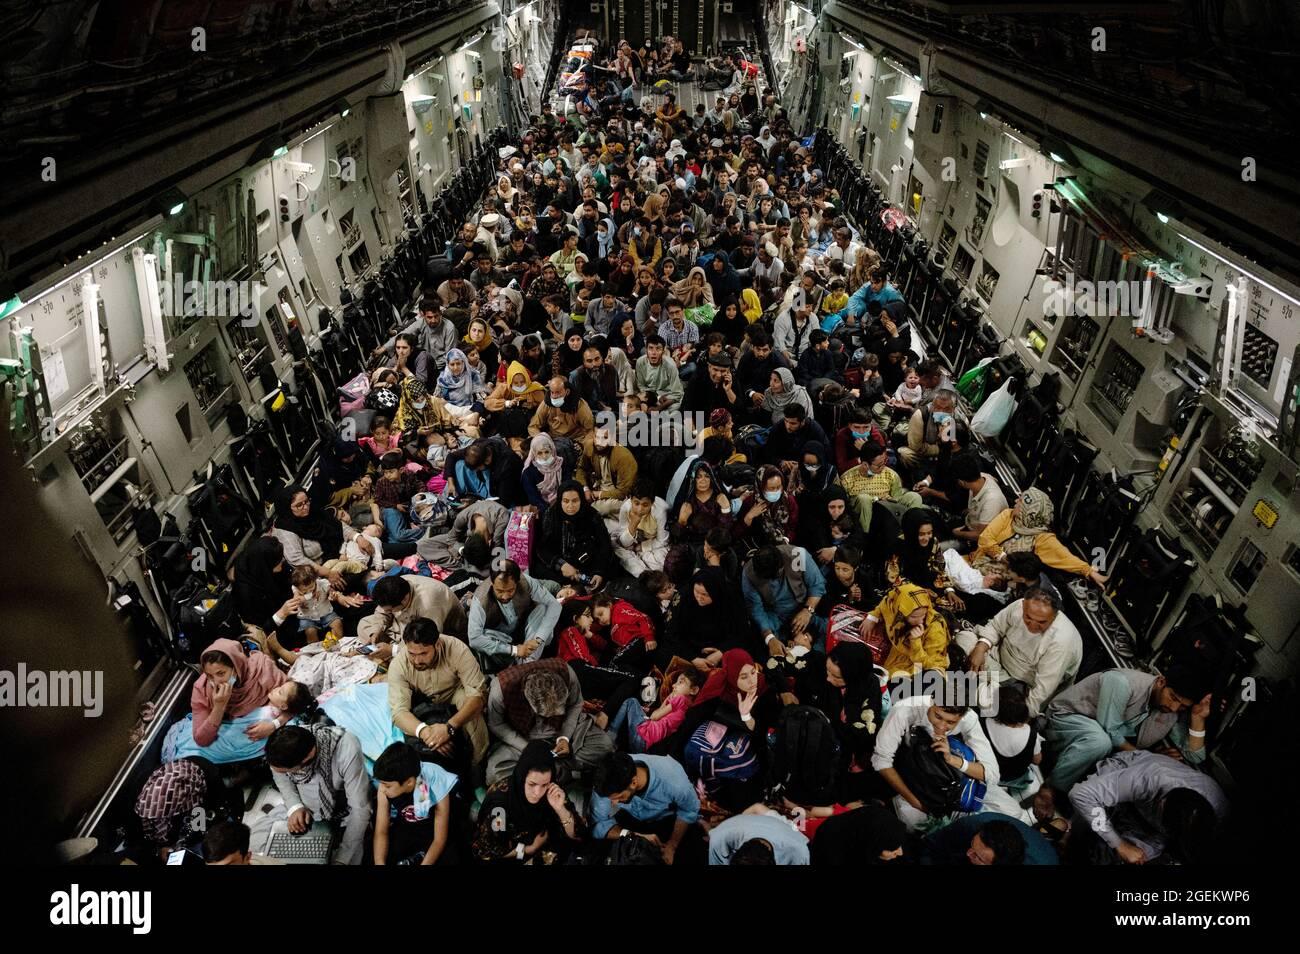 Kabul, Afghanistan. August 2021. Hunderte afghanischer Flüchtlinge sitzen während der Evakuierung von nicht-Kombattanten auf dem Hamid Karzai International Airport im Rahmen der Operation Allies Refuge am 19. August 2021 in Kabul, Afghanistan, auf dem Boden eines Flugzeugs der US-Luftwaffe C-17 Globemaster III. Quelle: Planetpix/Alamy Live News Stockfoto